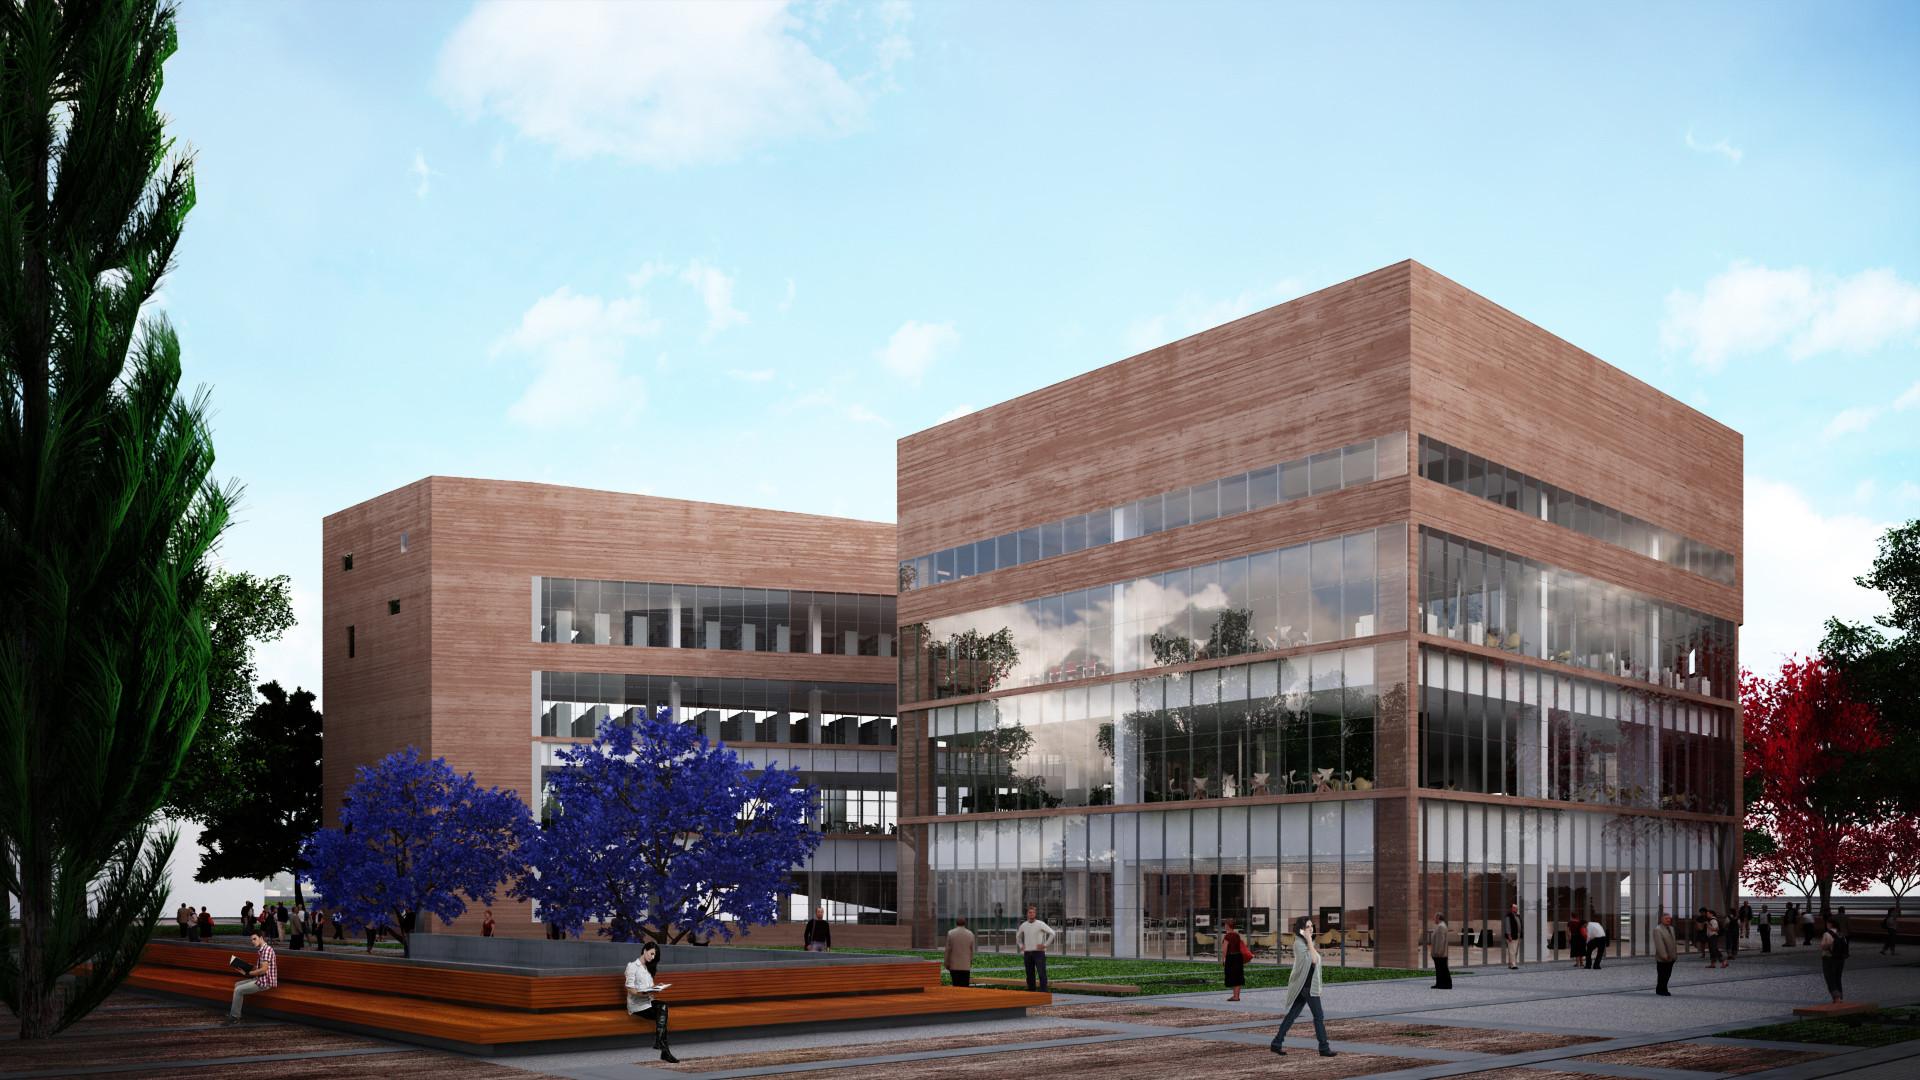 Segundo Lugar Concurso de Proyectos Arquitectónicos Para las Regiones de Lima y Callao, Perú, Biblioteca de Ciencias, Ingenería y Arquitectura PUCP. Image Courtesy of Llosa Cortegana Arquitectos